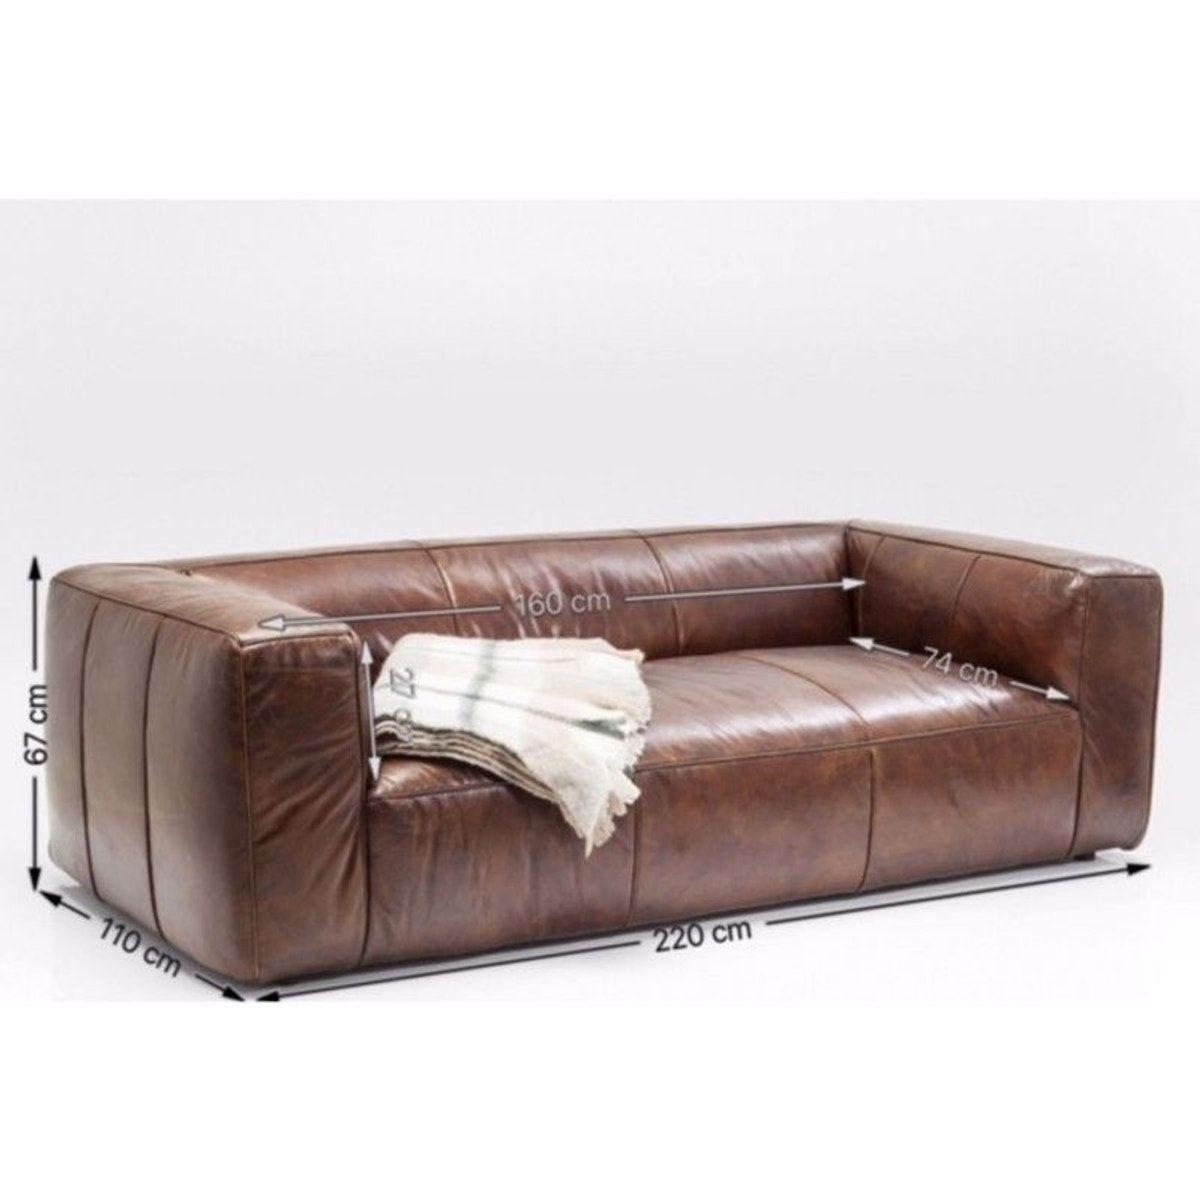 Canape En Cuir Cubetto 220cm Mobilier De Salon Canape Cuir Canape